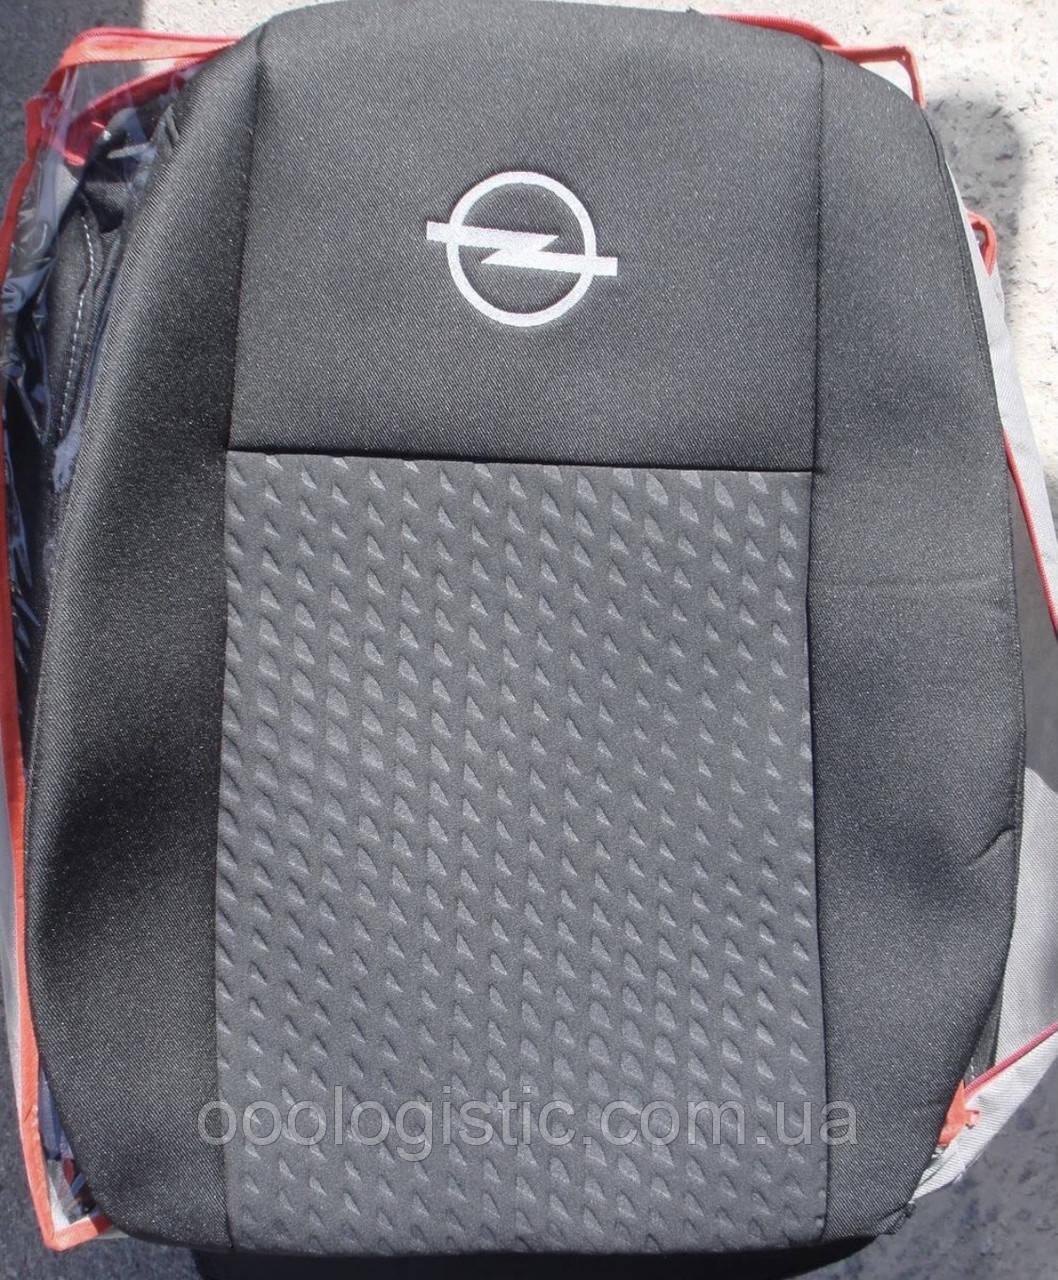 Авточехлы на Opel Astra K Sports Tourer от 2015 wagon, Опель Астра К Спорт Турер